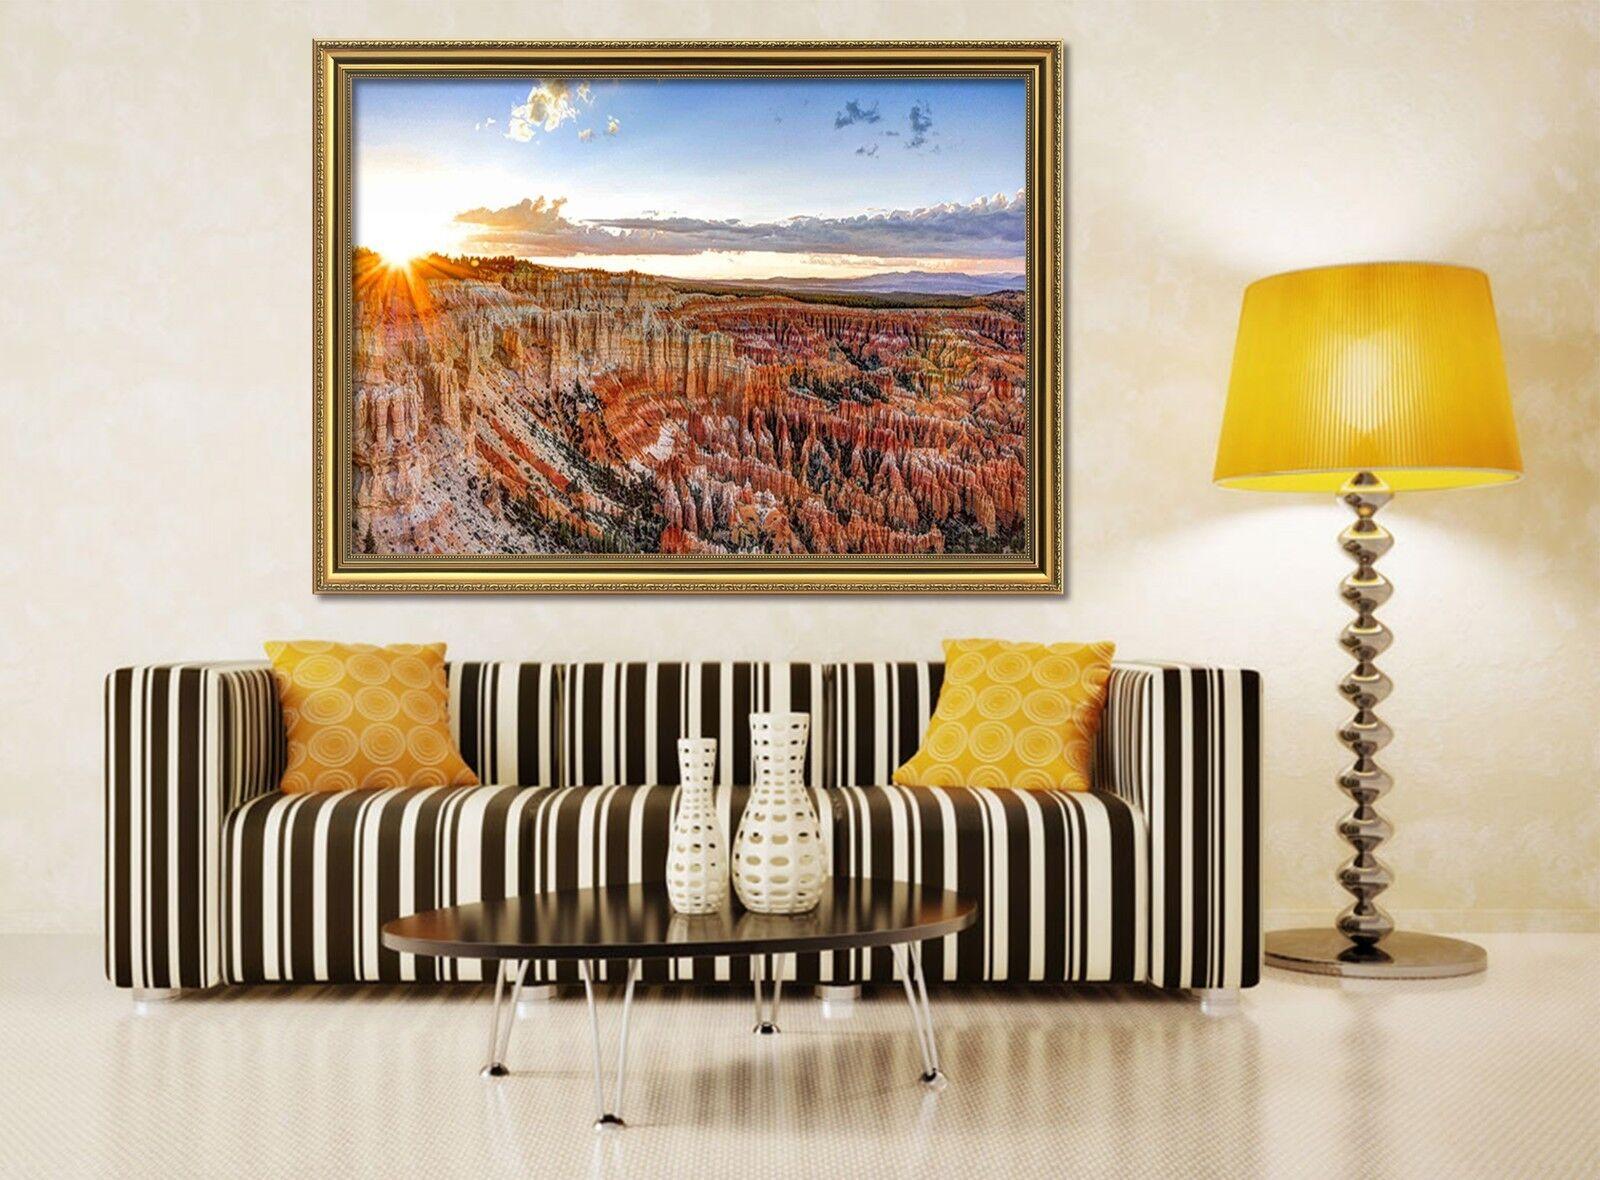 Bryce Canyon 2 Póster Enmarcado 3D Decoración del Hogar Pintura de Impresión Arte AJ Wallpaper